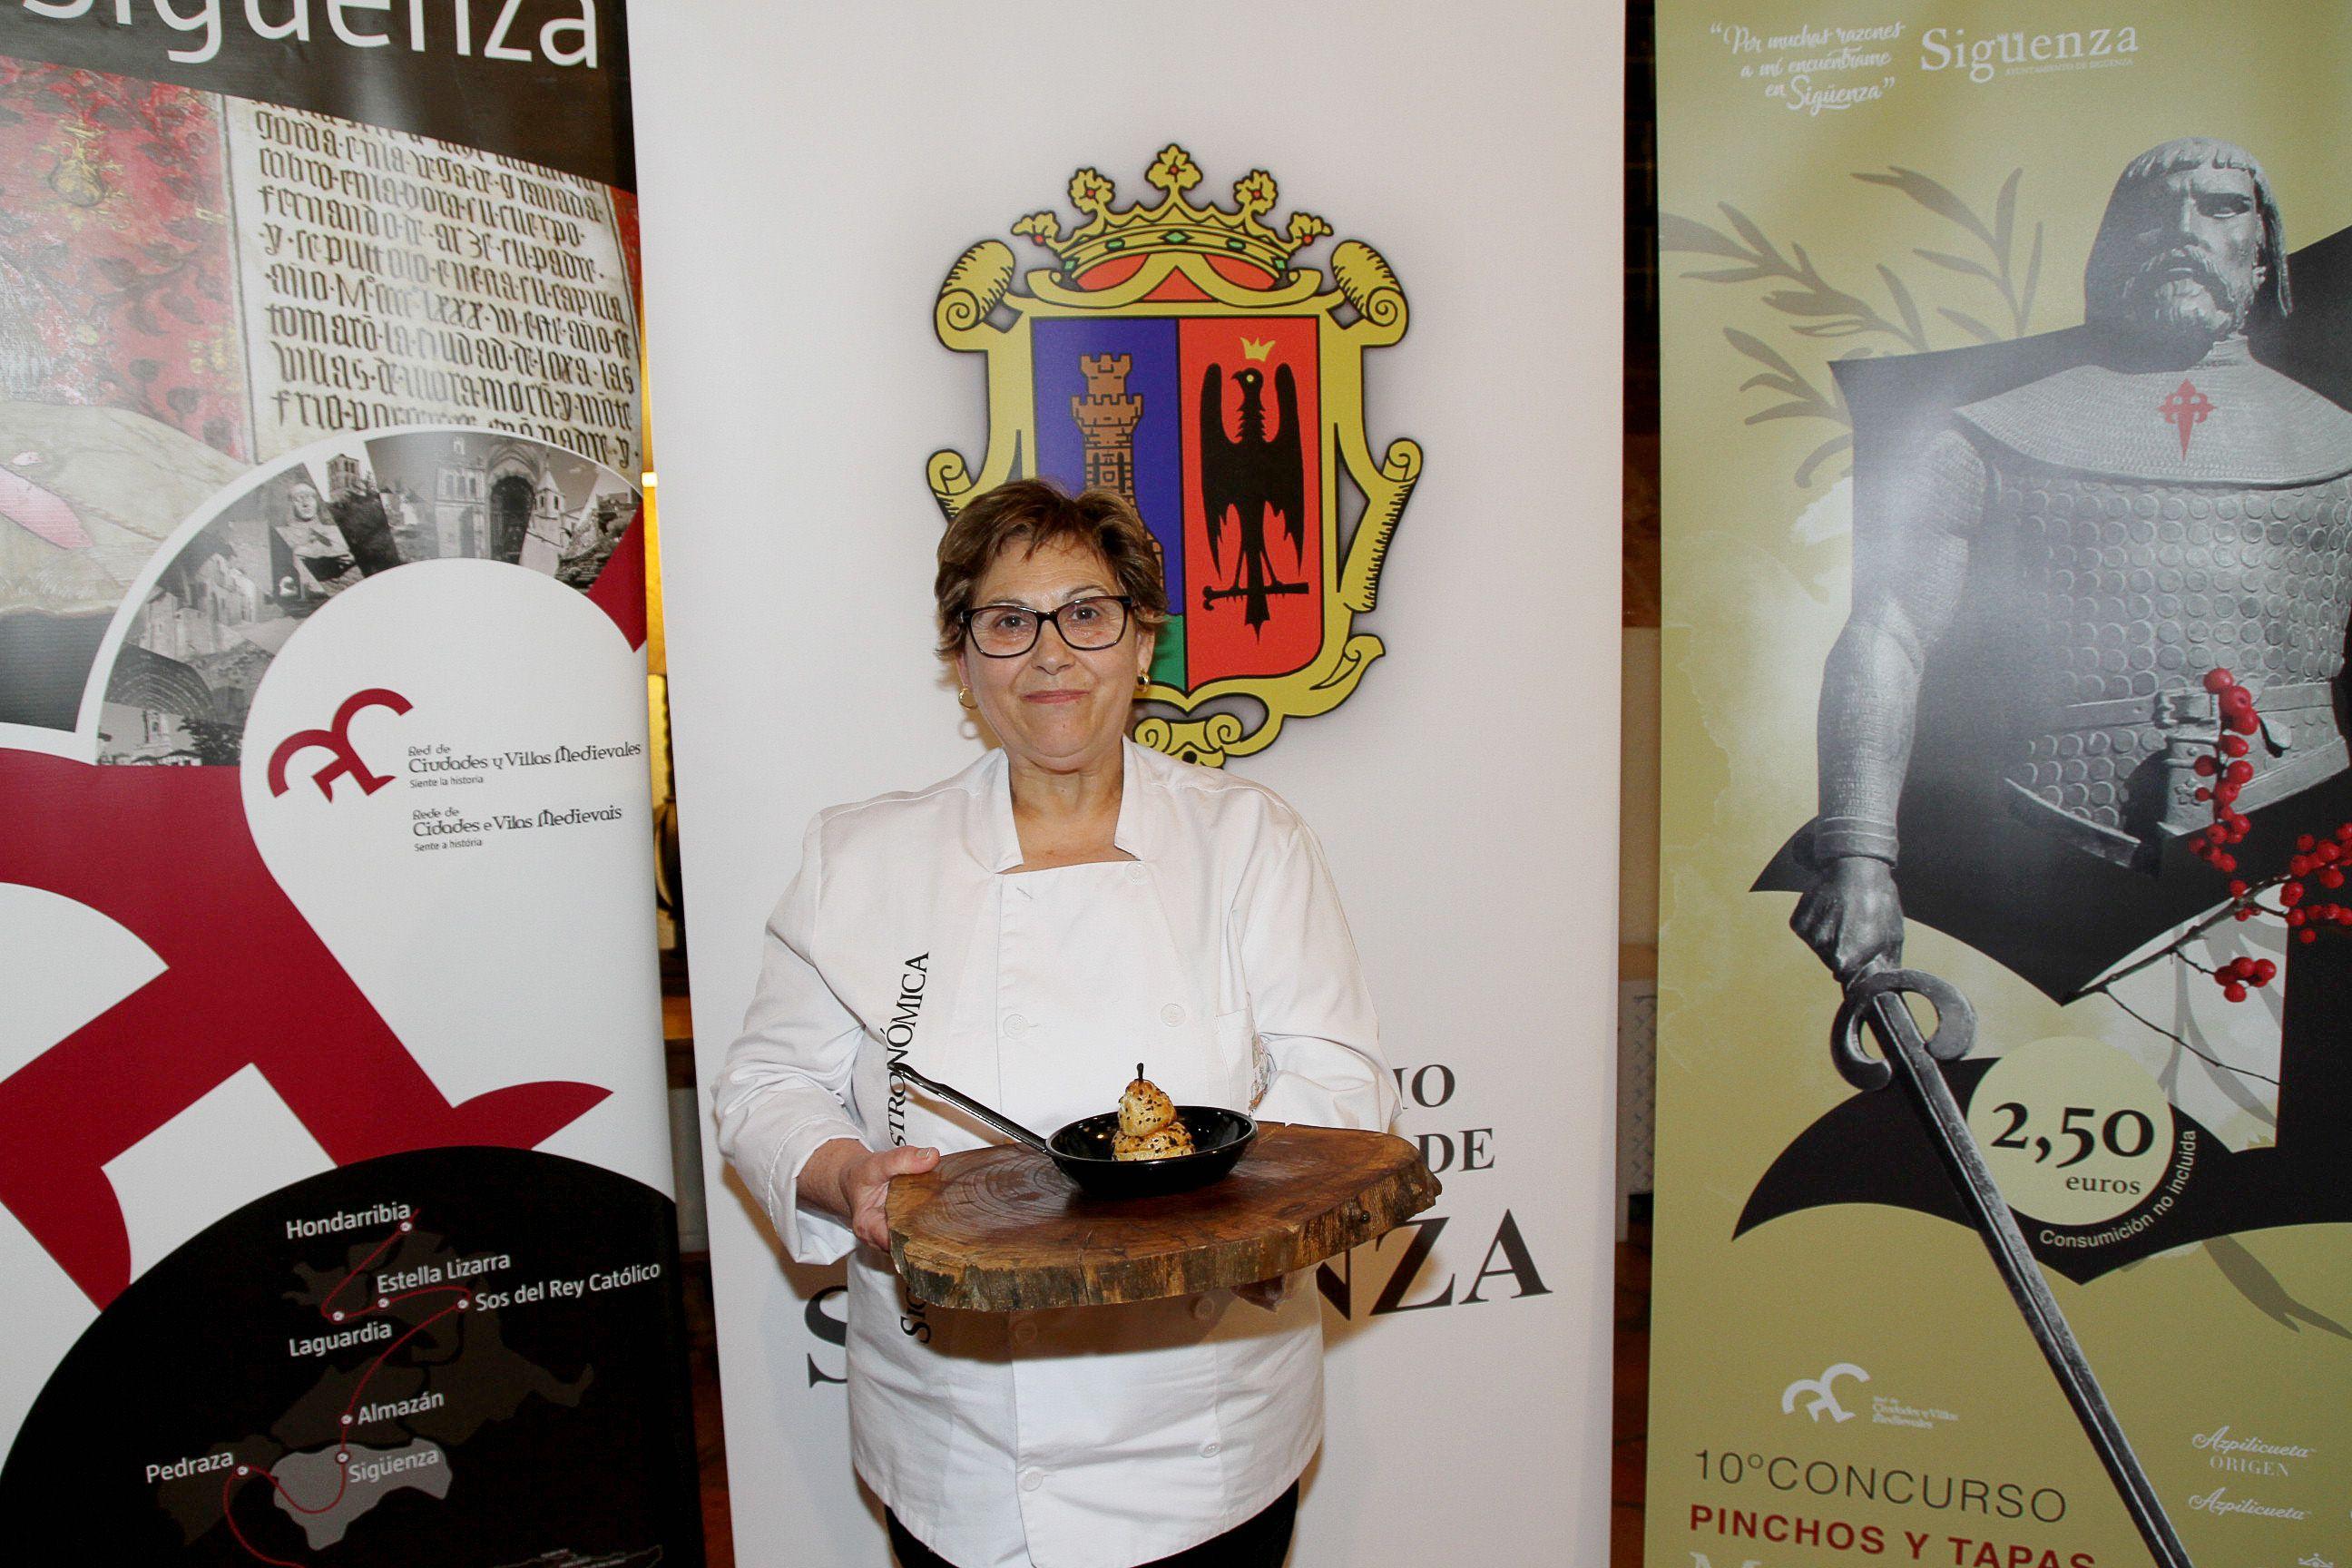 Foto de Estefanía Verdes, chef de La Granja de Alcuneza